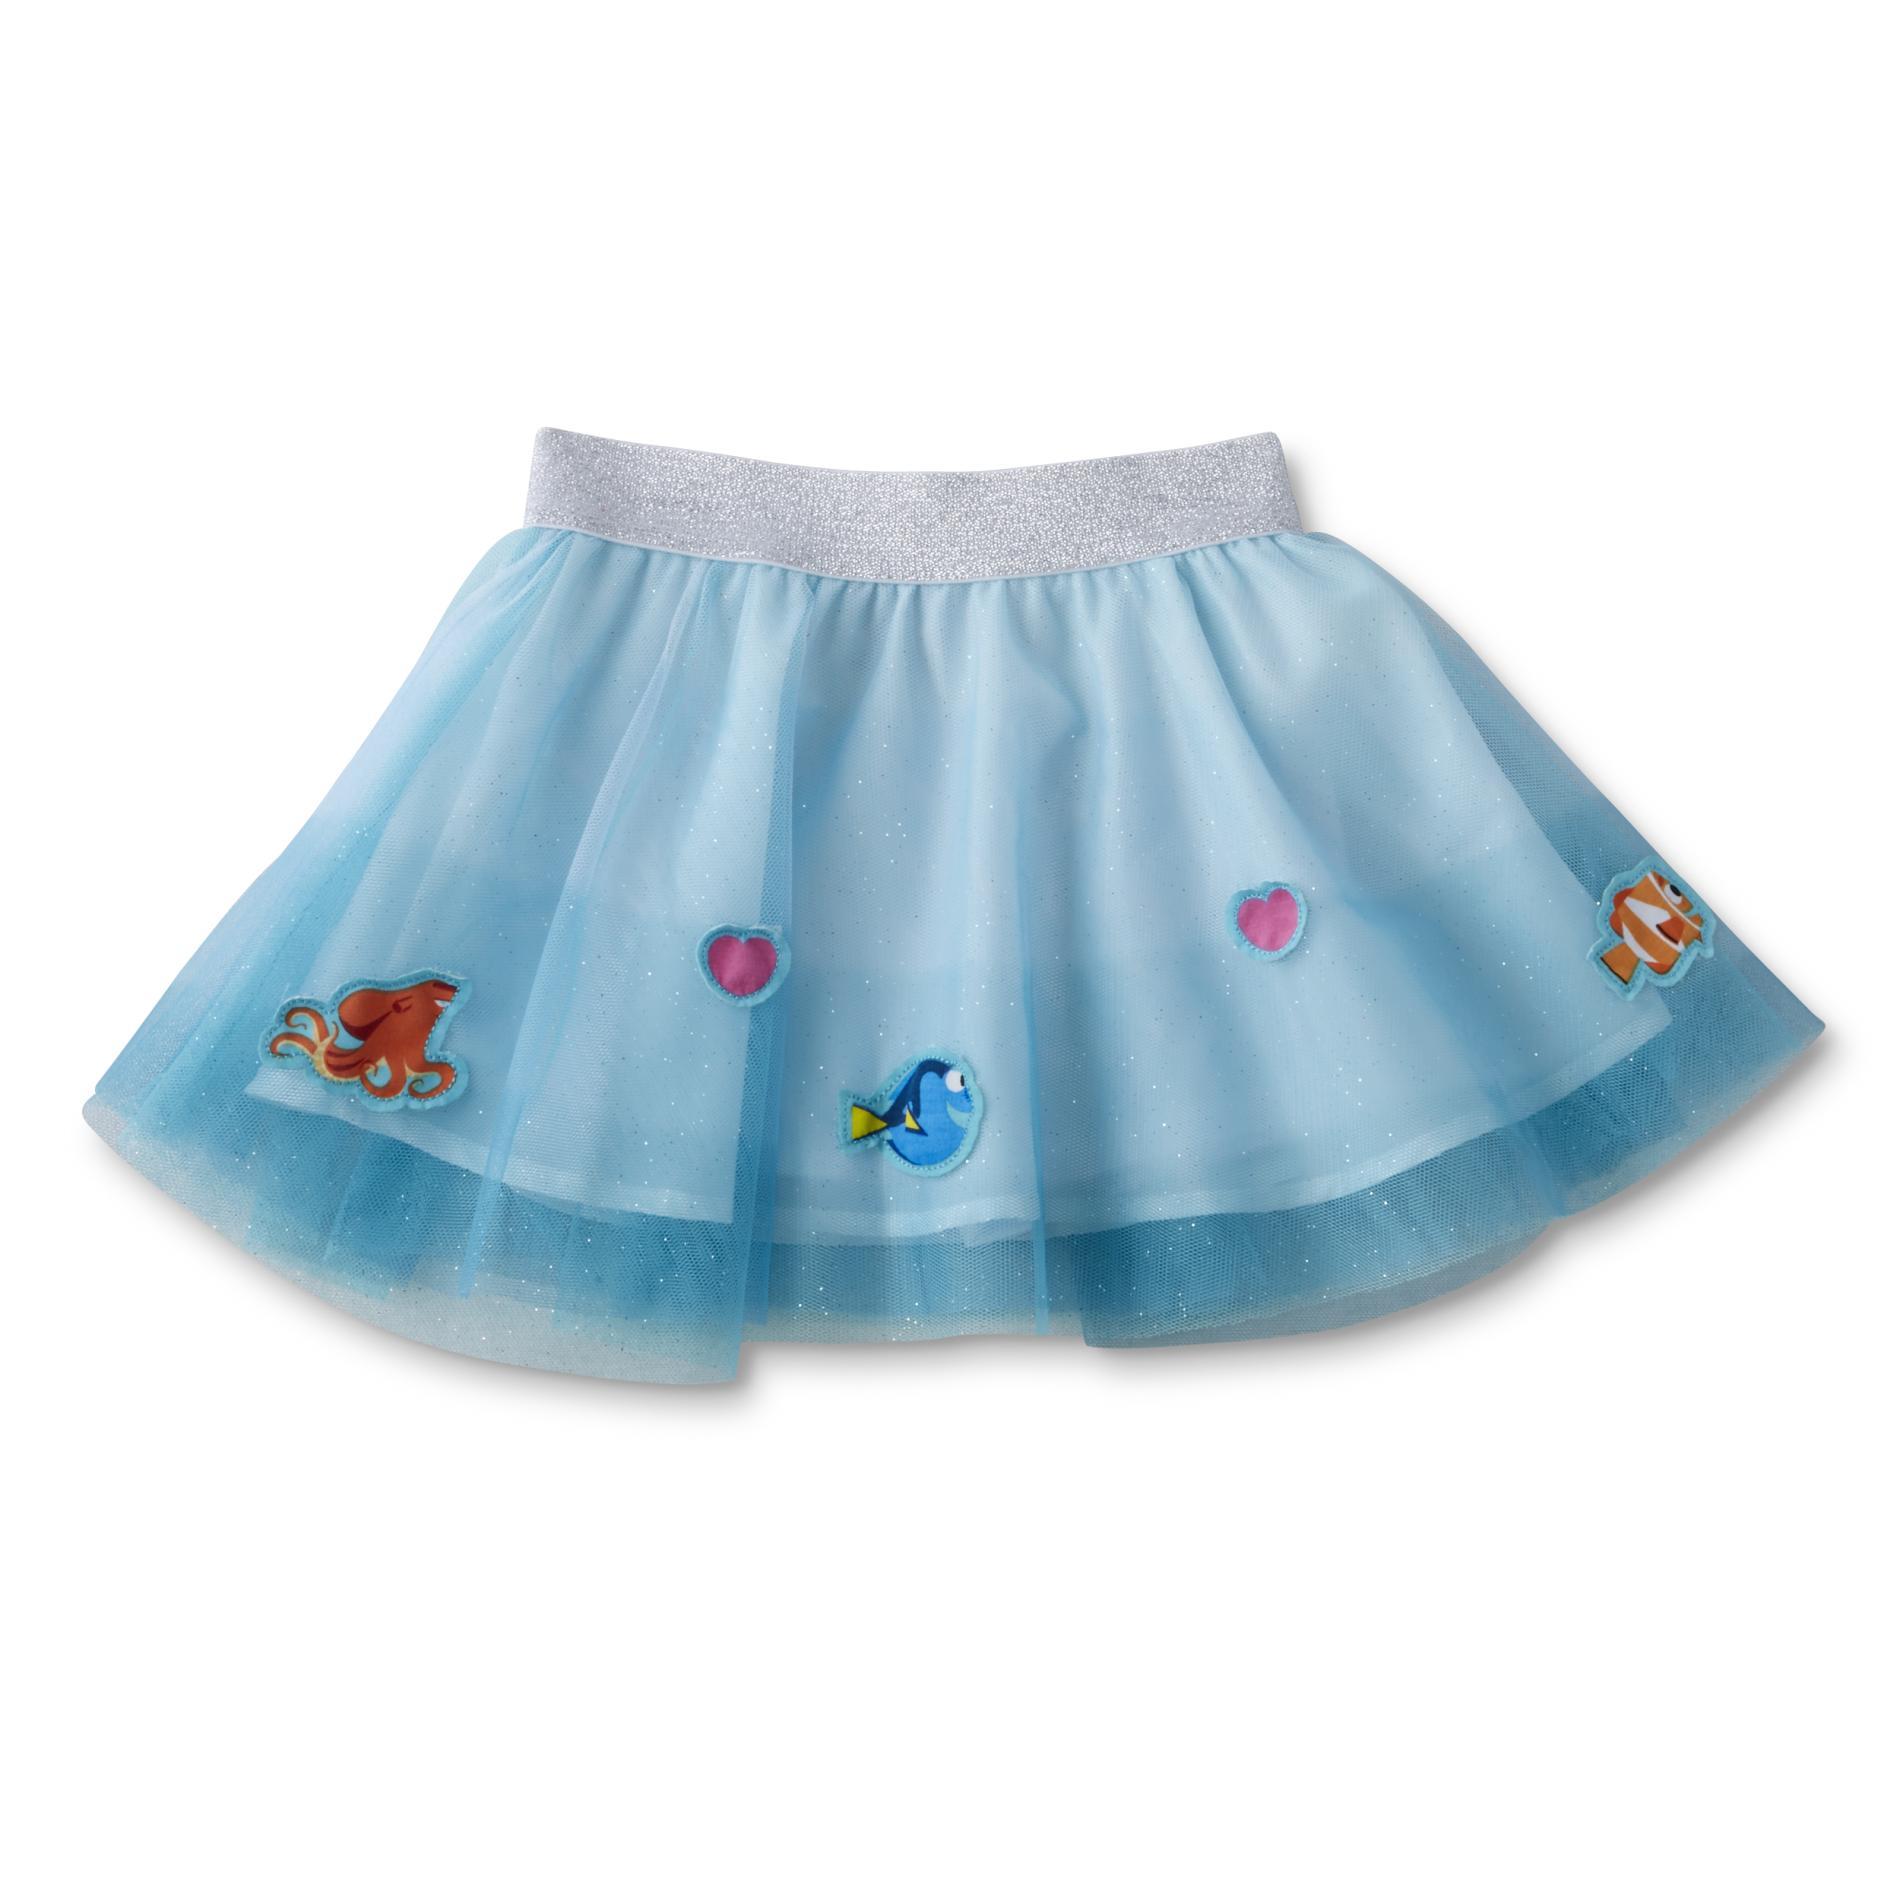 Disney Finding Dory Girl's Scooter Skirt